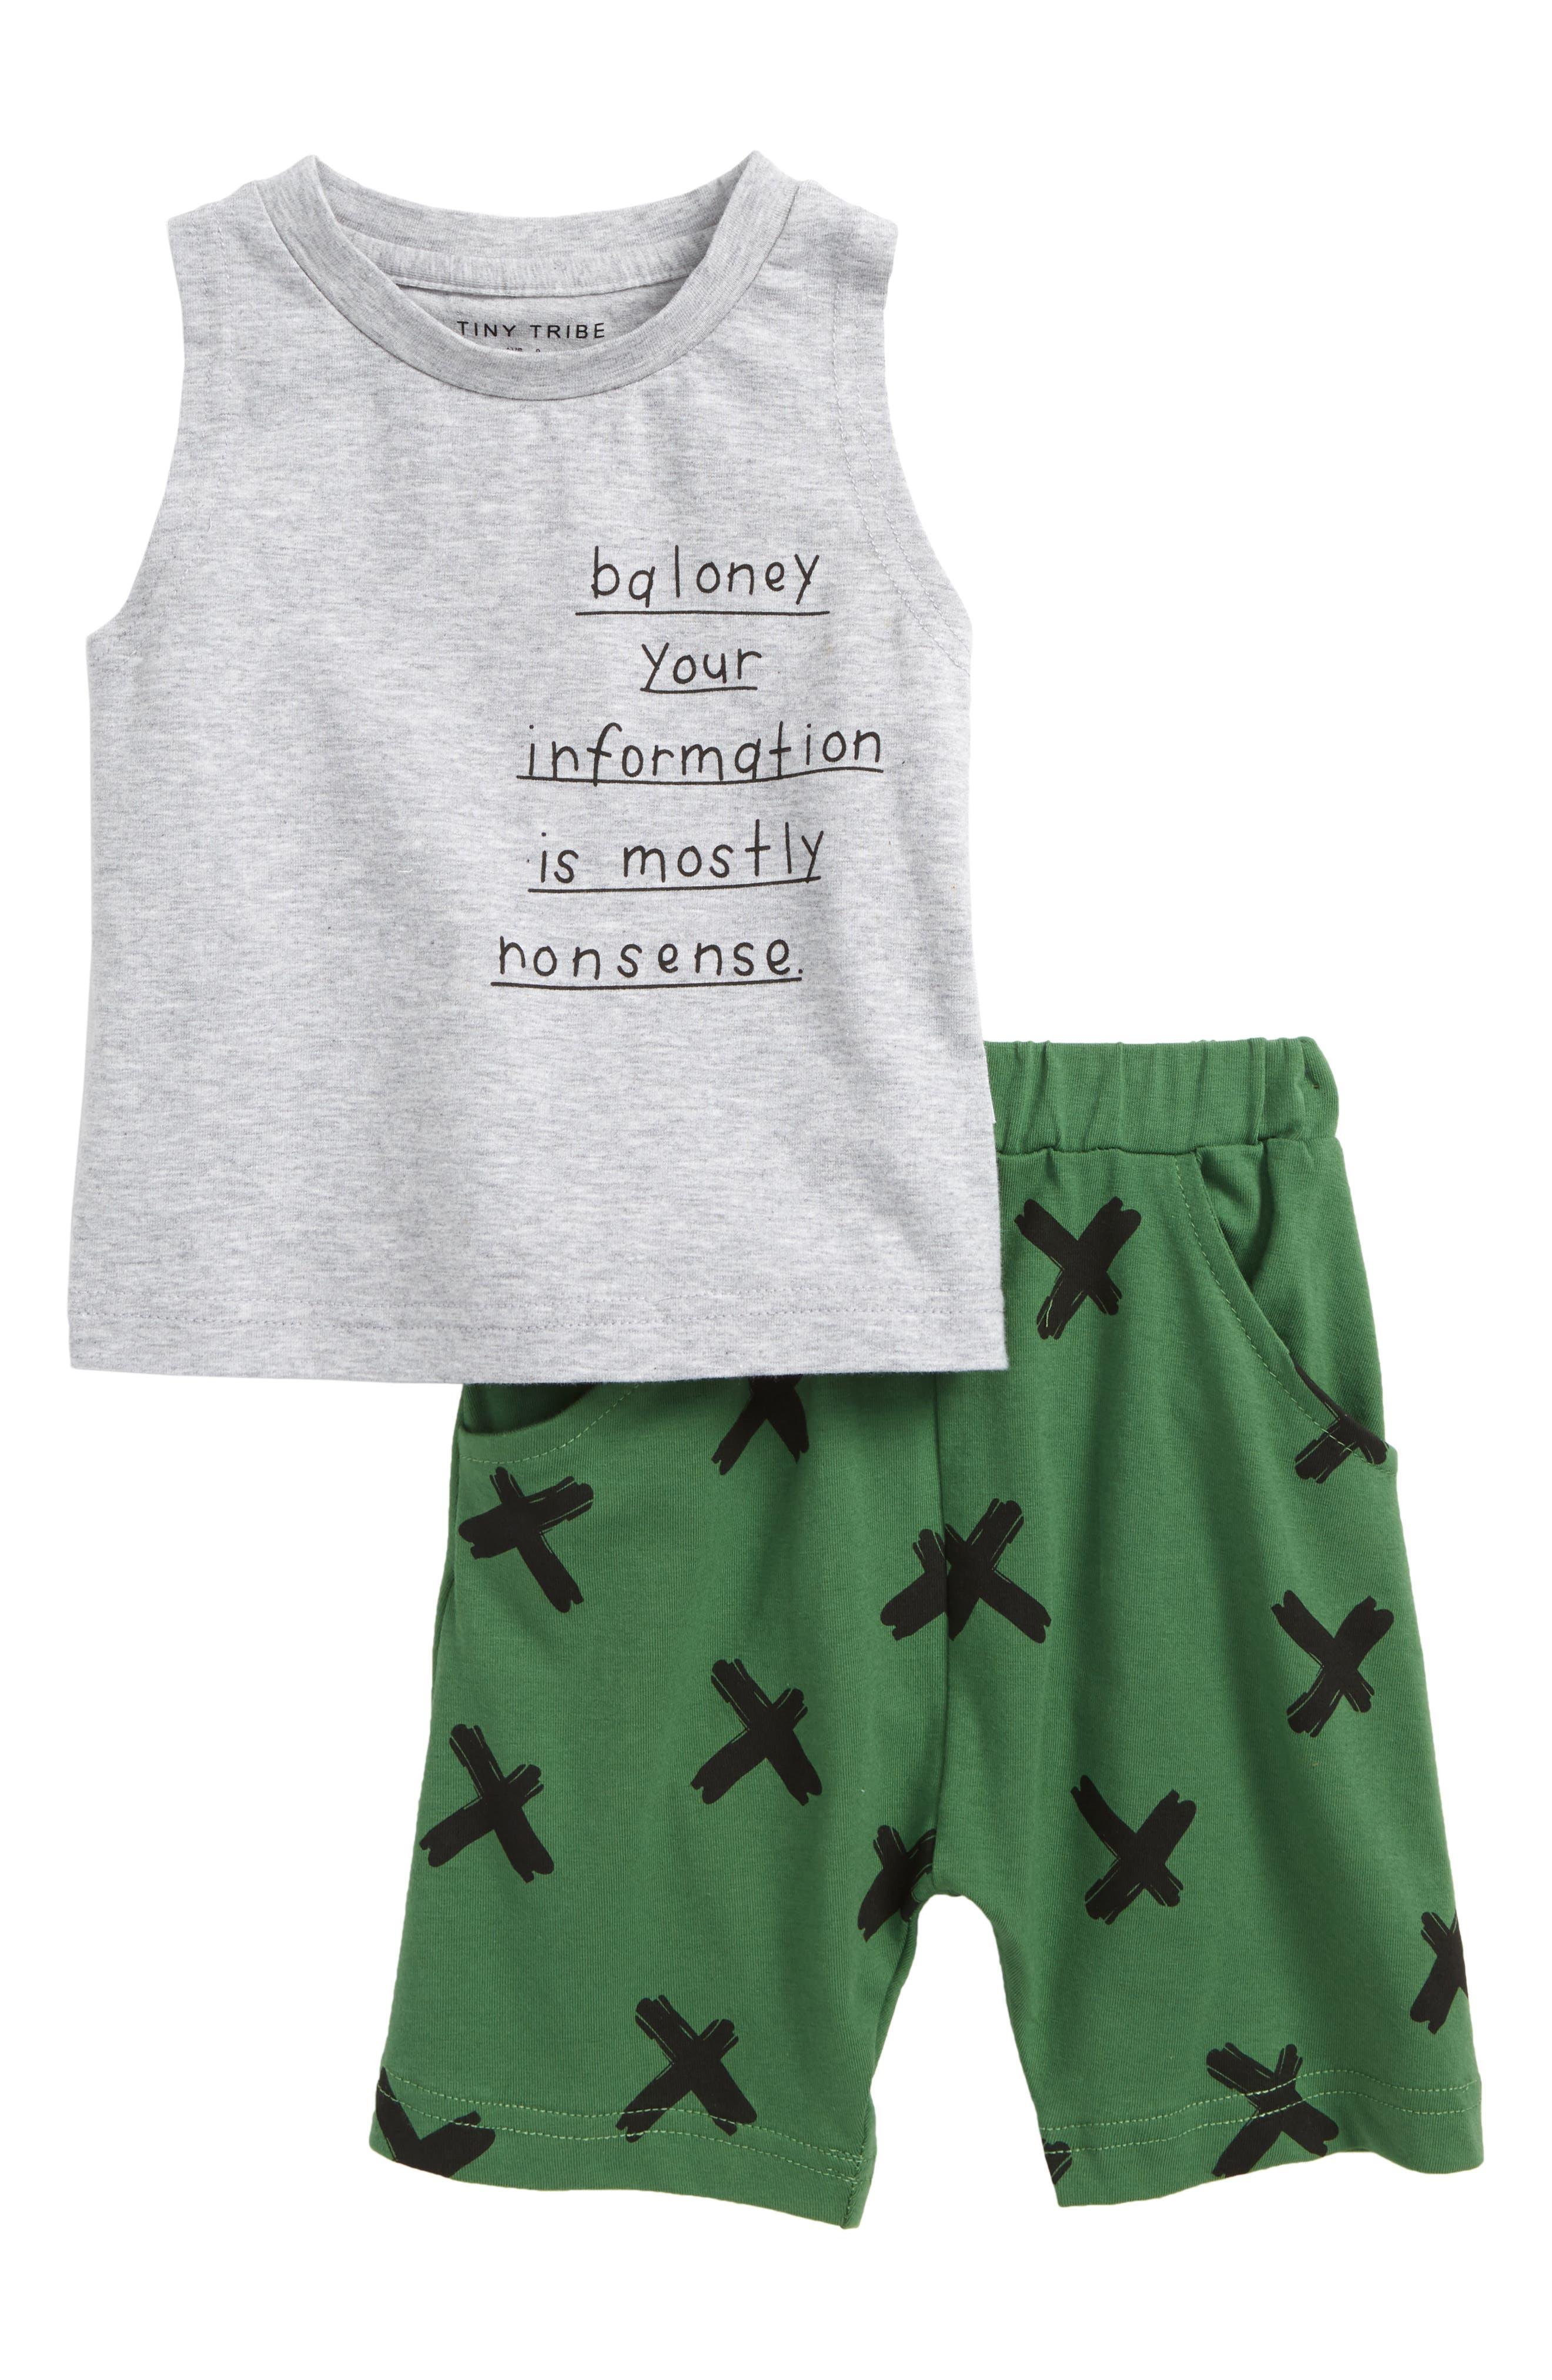 Baloney Tank Top & Shorts Set,                             Main thumbnail 1, color,                             Grey/ Green